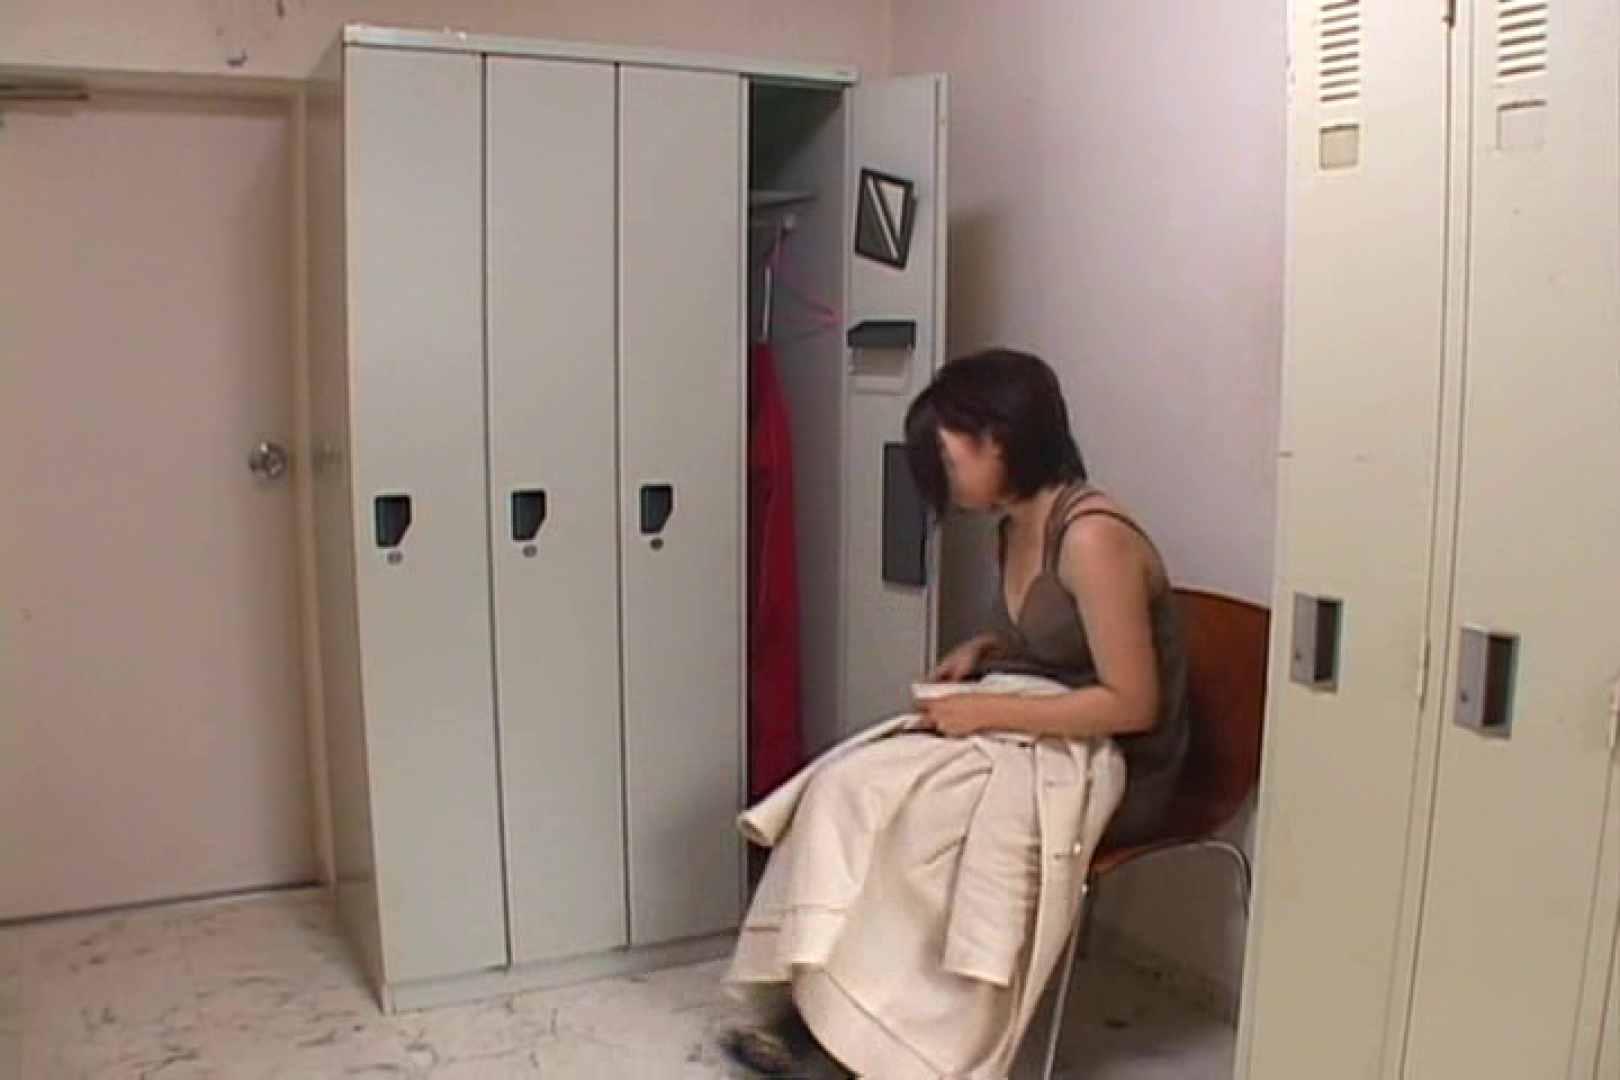 キャバ嬢舞台裏Vol.5 お姉さん 濡れ場動画紹介 41連発 40